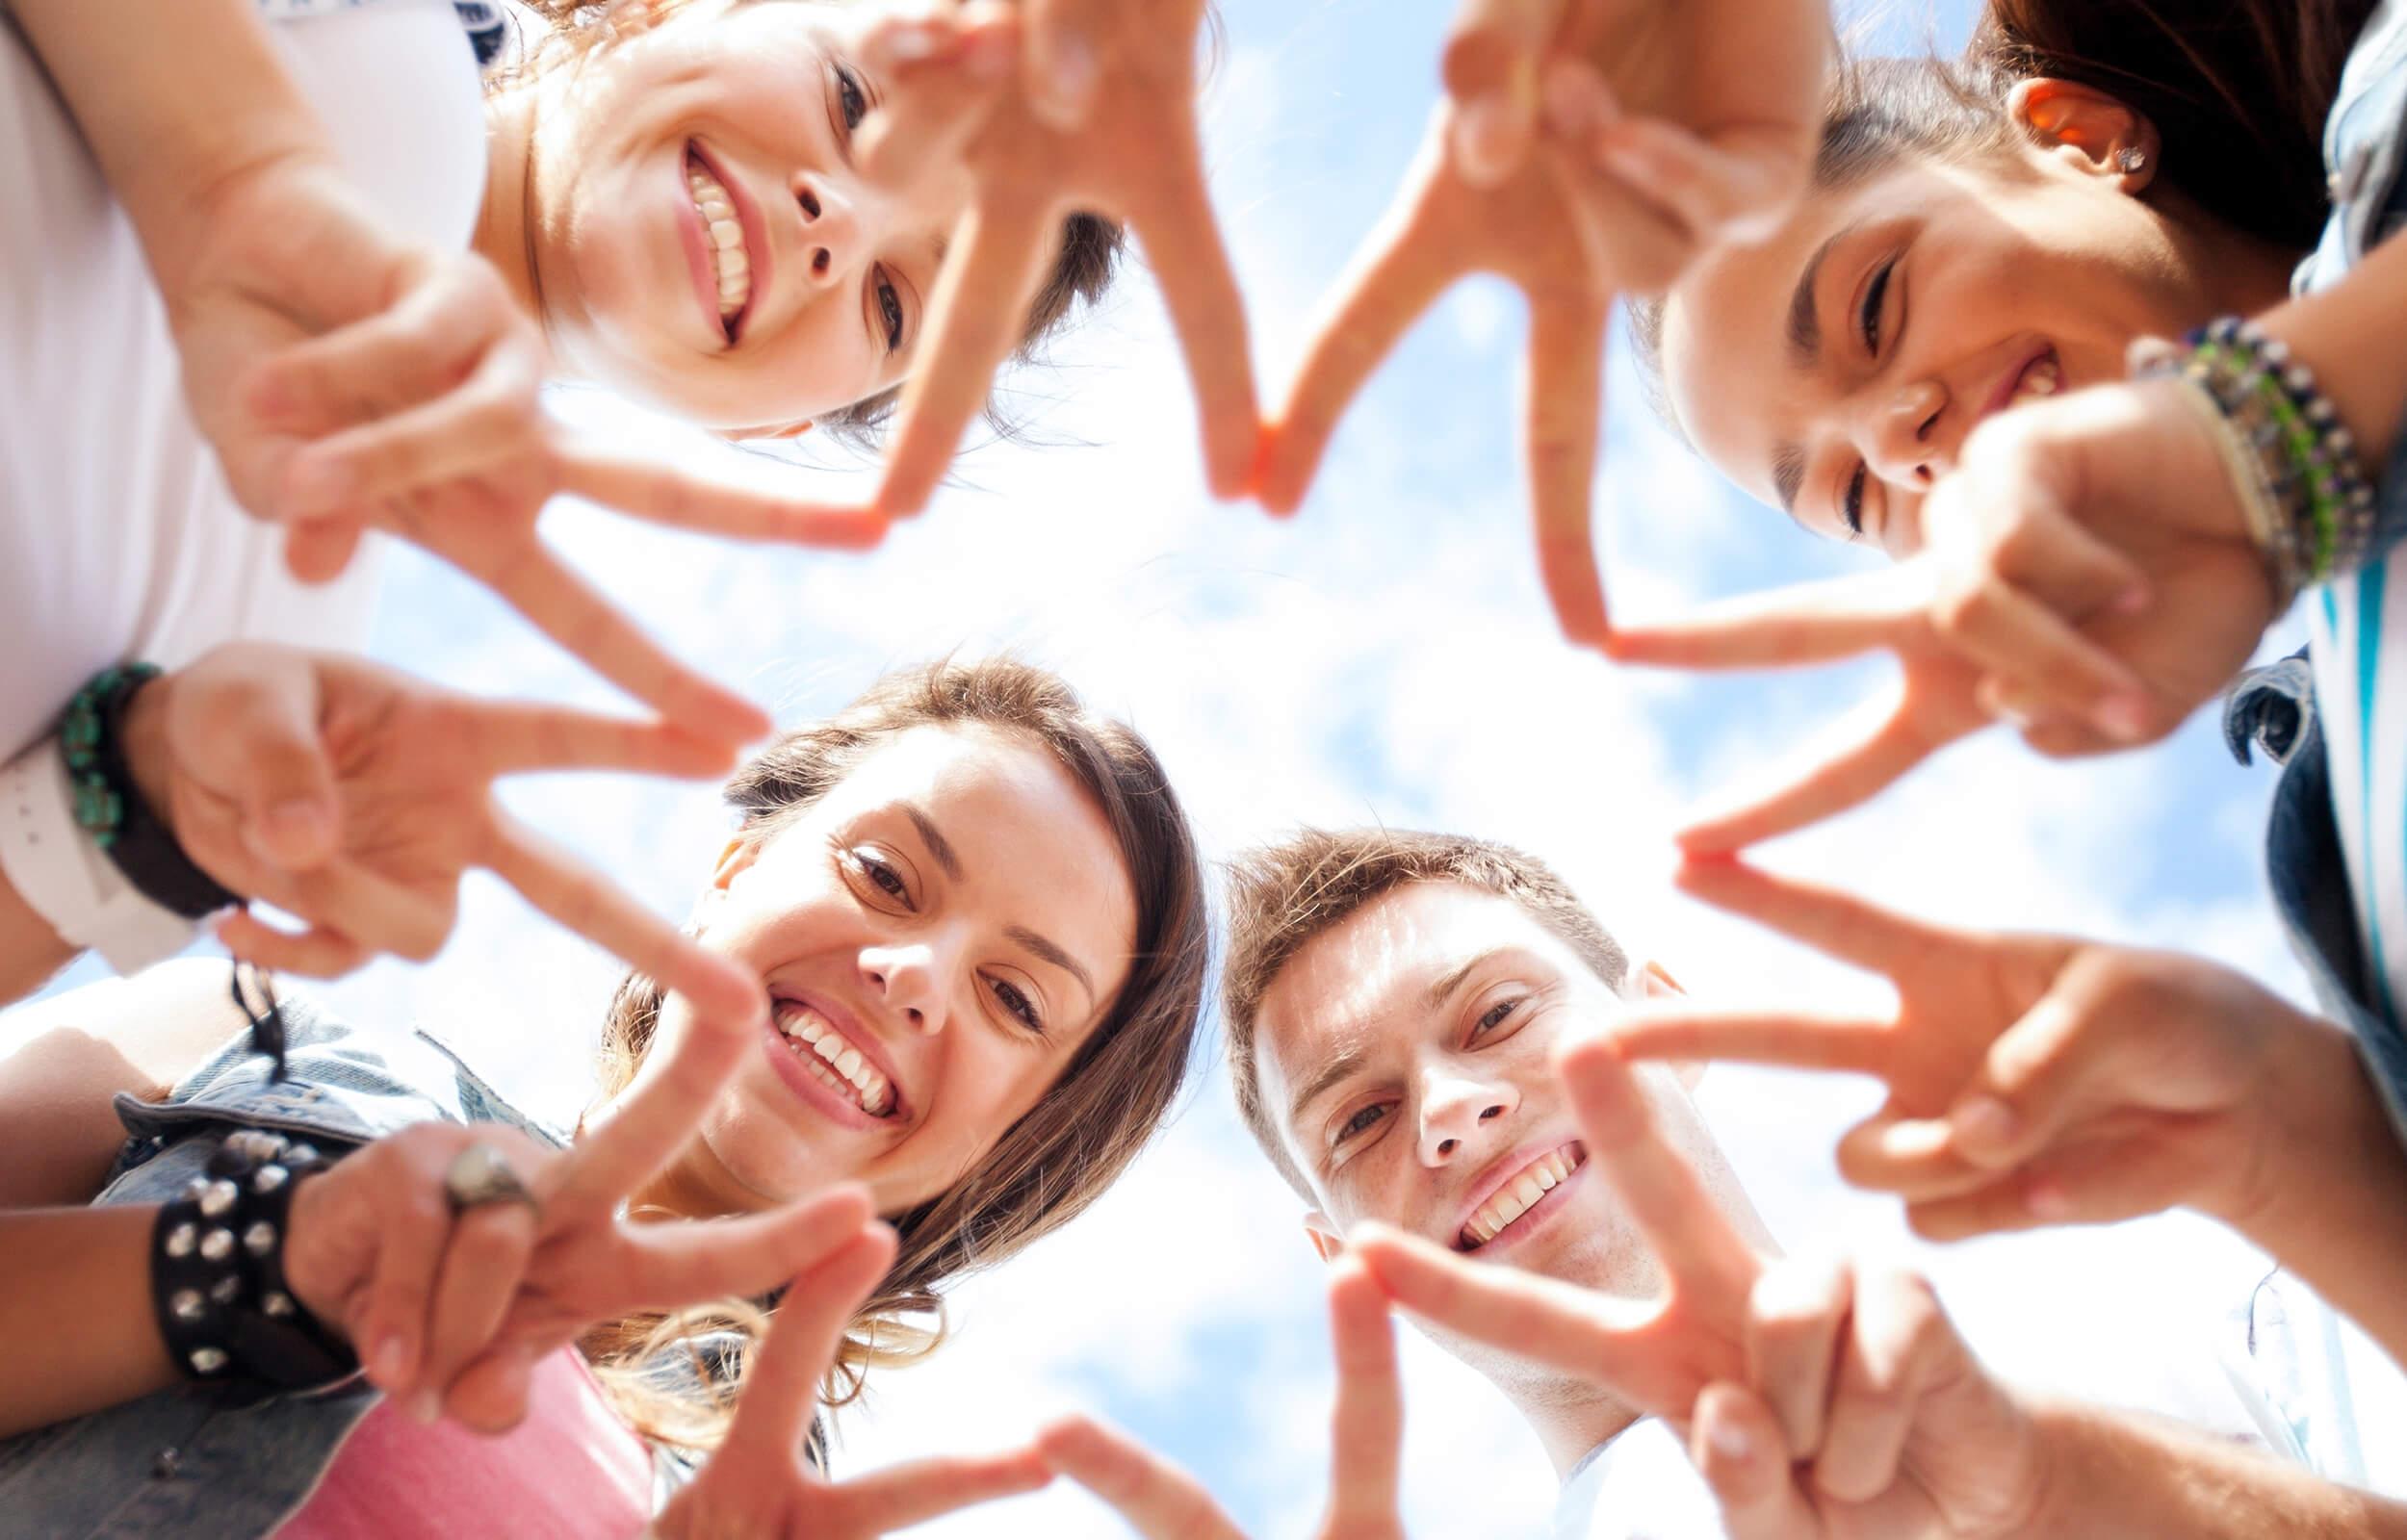 Stiftung Jupident, Schlins, Therapie, Lernraum, Sprachraum, Jugendliche, Kinder, Jugendwohngruppen, Kinderwohngruppen, Berufvorschule, Landesschule, Heilpädagogischer Kindergarten